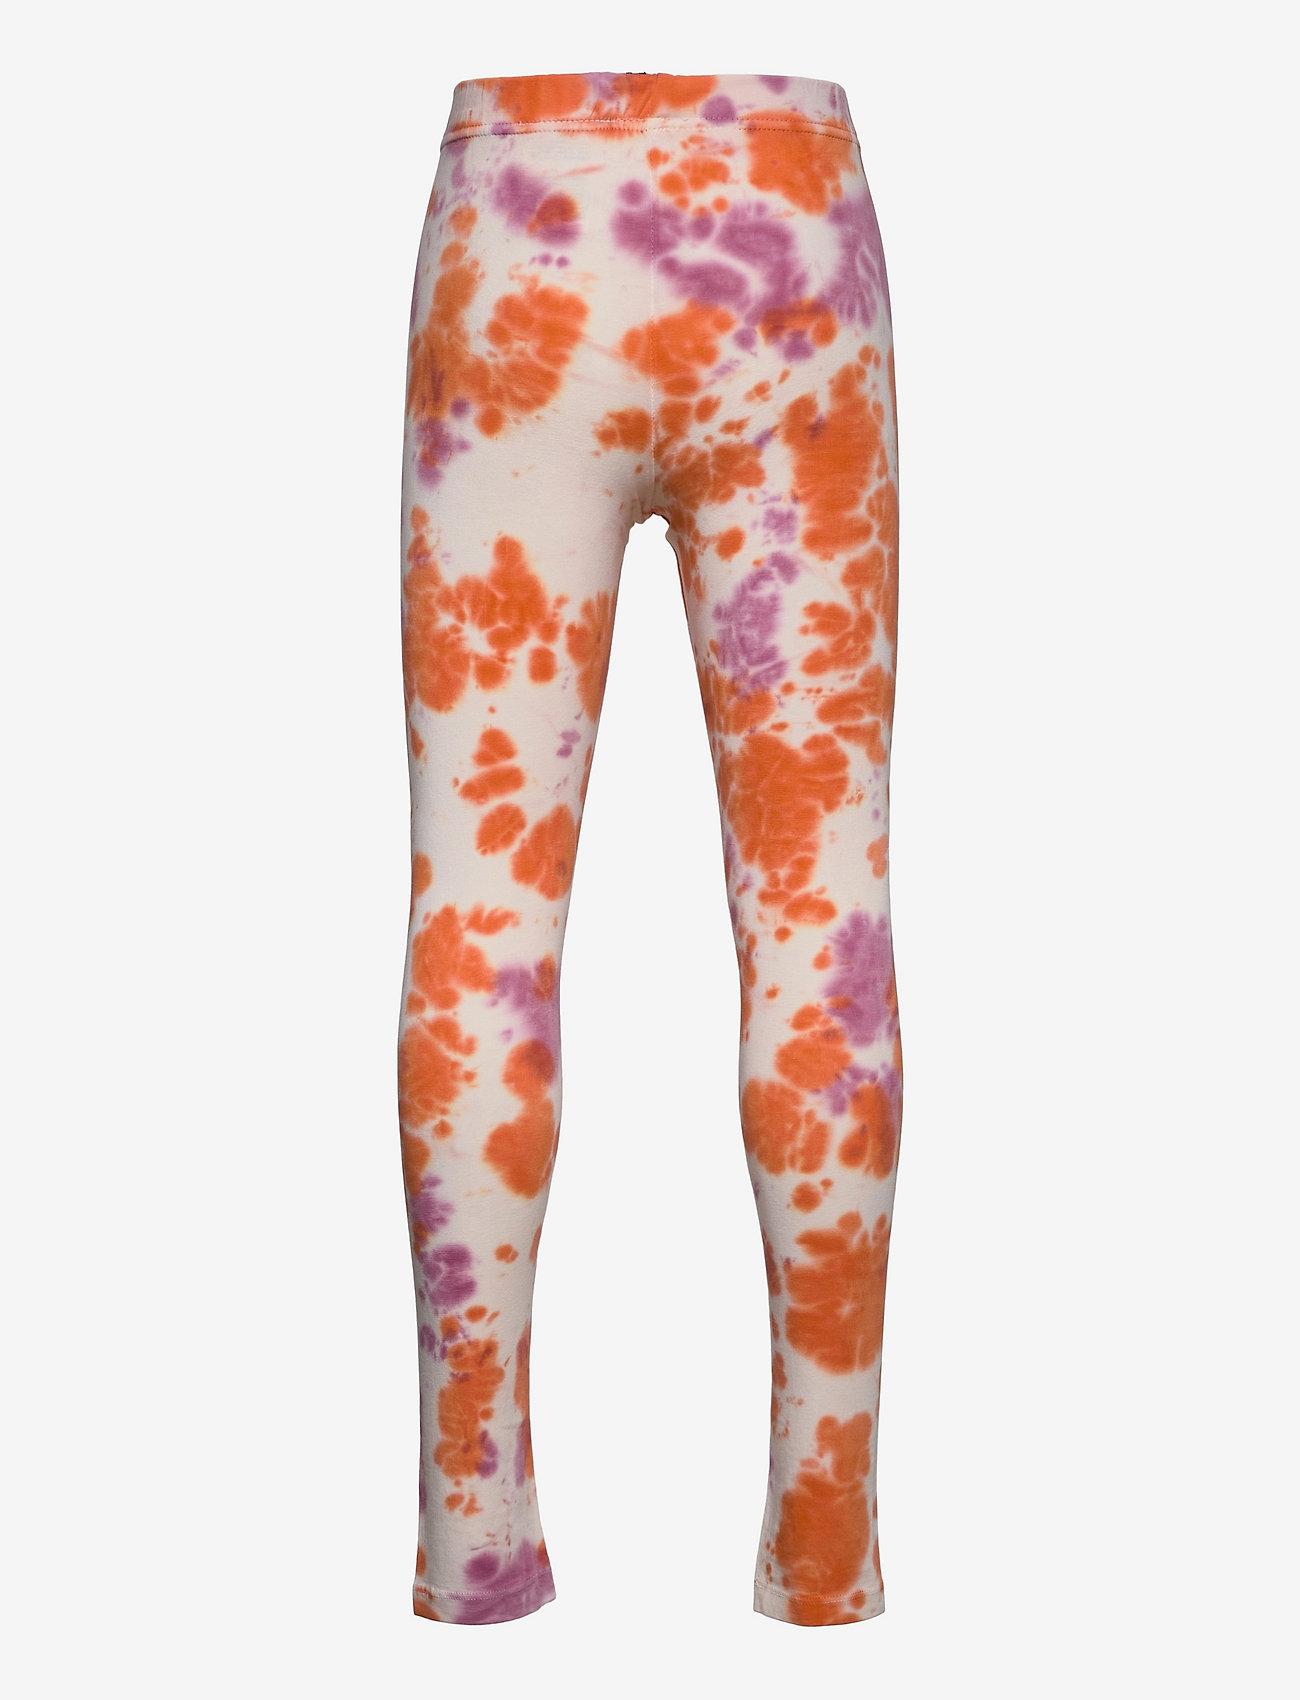 The New - TRILLE TIE DYE LEGGINGS - leggings - nectarine - 1